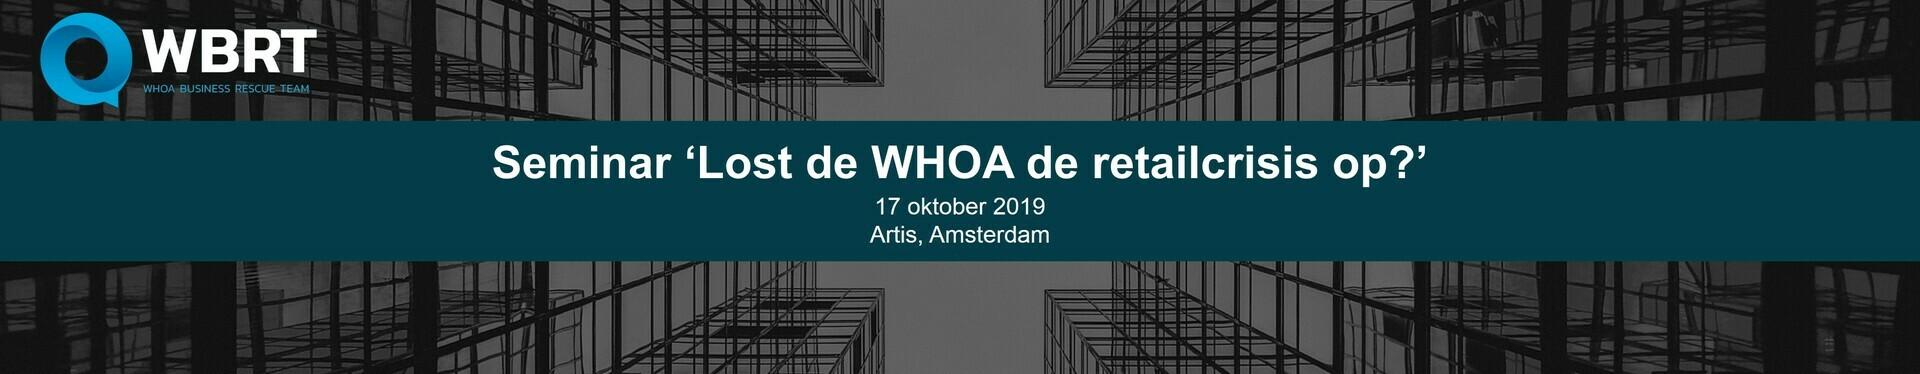 Seminar 'Lost de WHOA de retailcrisis op?'